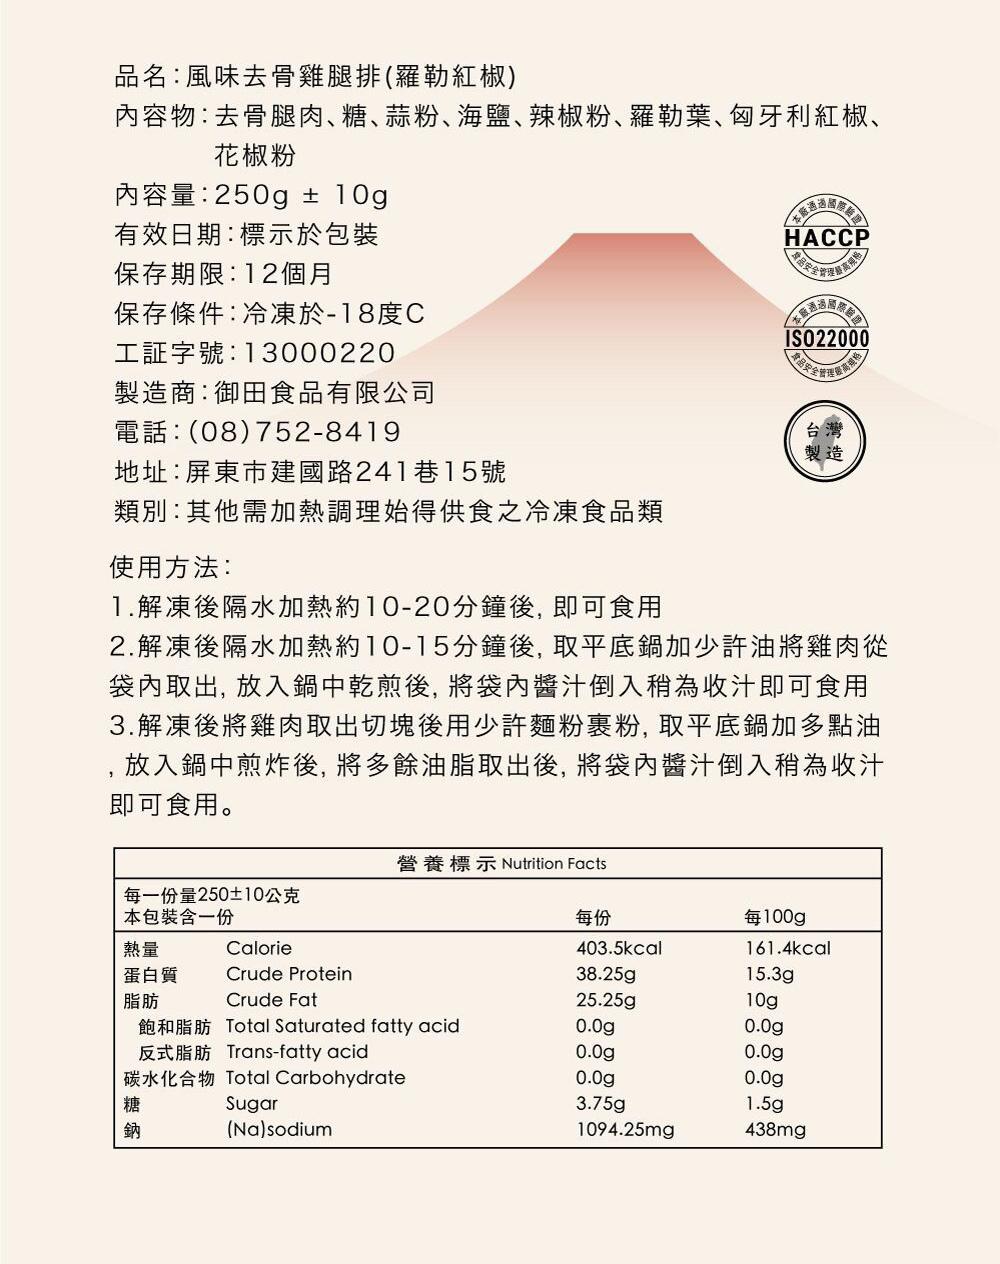 養泉營養標示_190915_0004.jpg